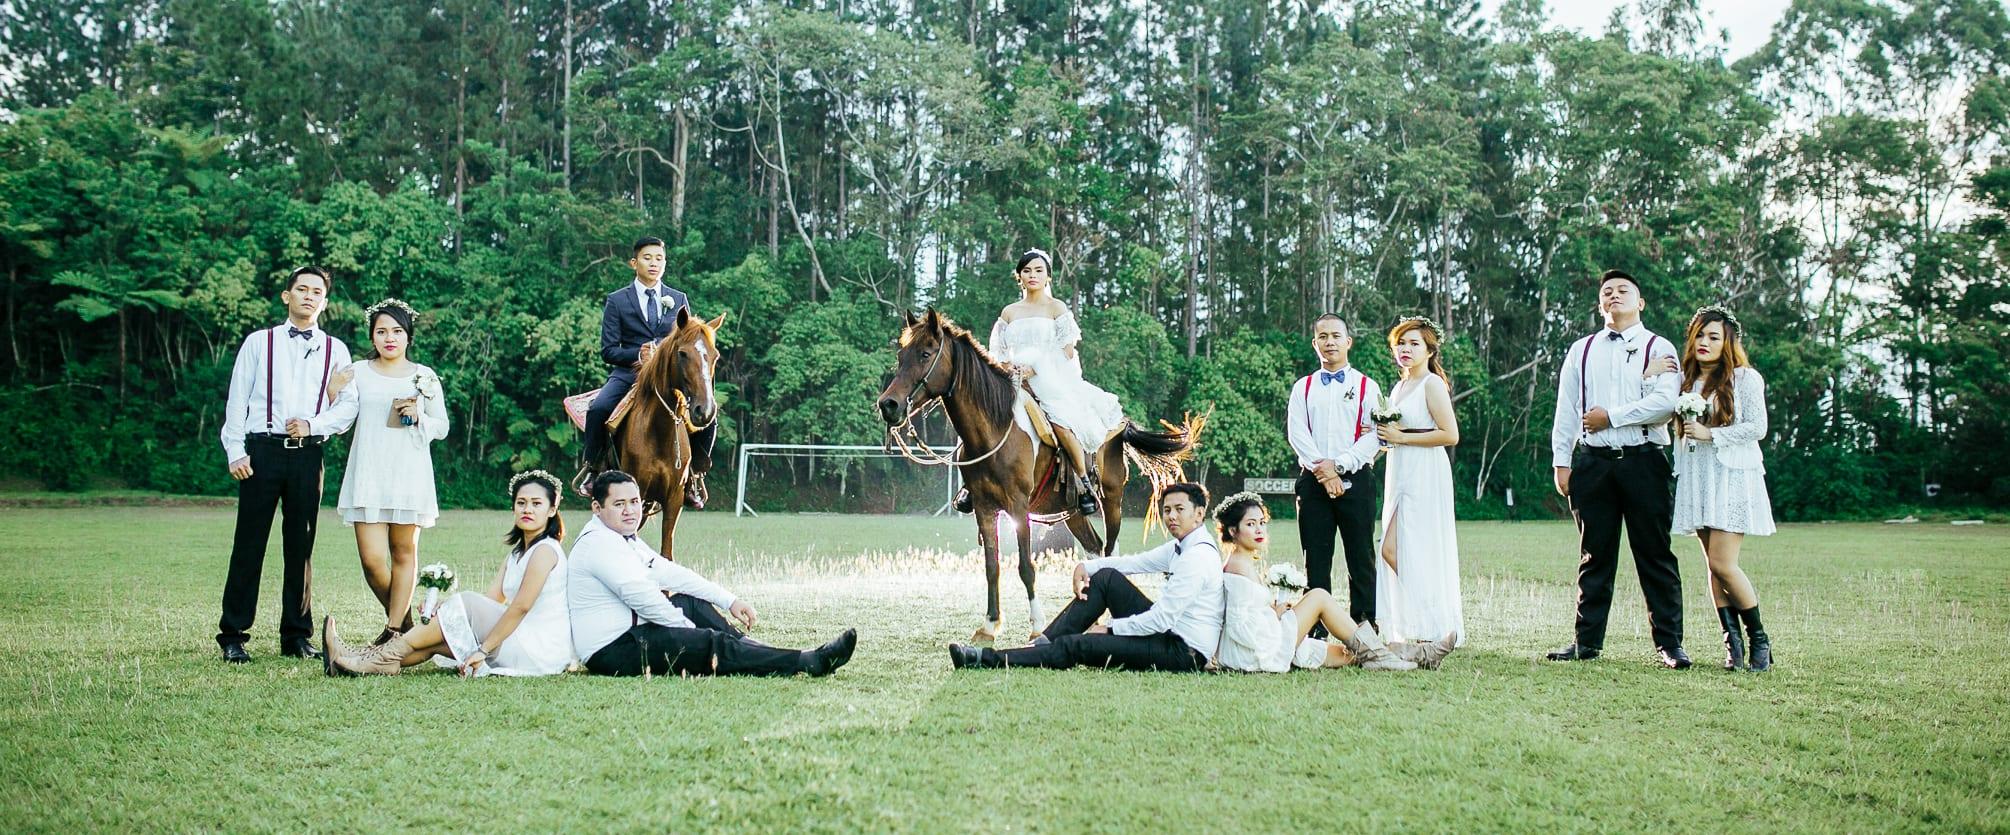 Rizal Based Wedding Photographer